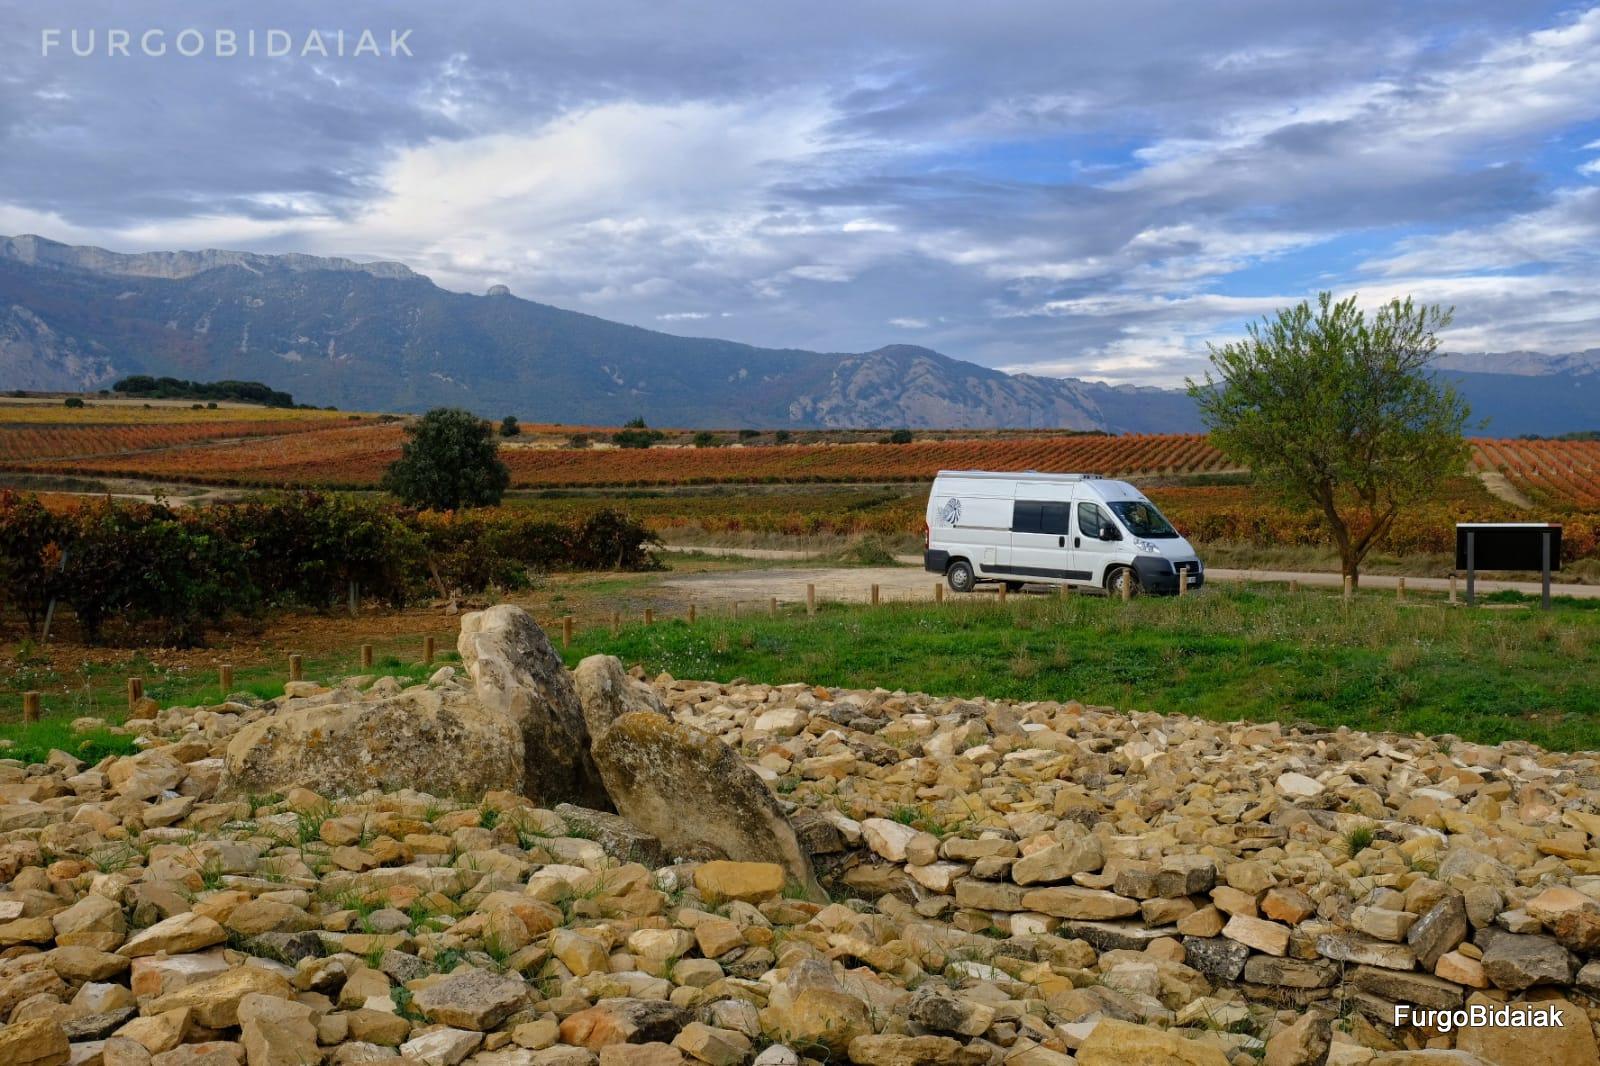 Dolmen El Encinal,Ruta de los dólmenes, Rioja Alavesa, Araba